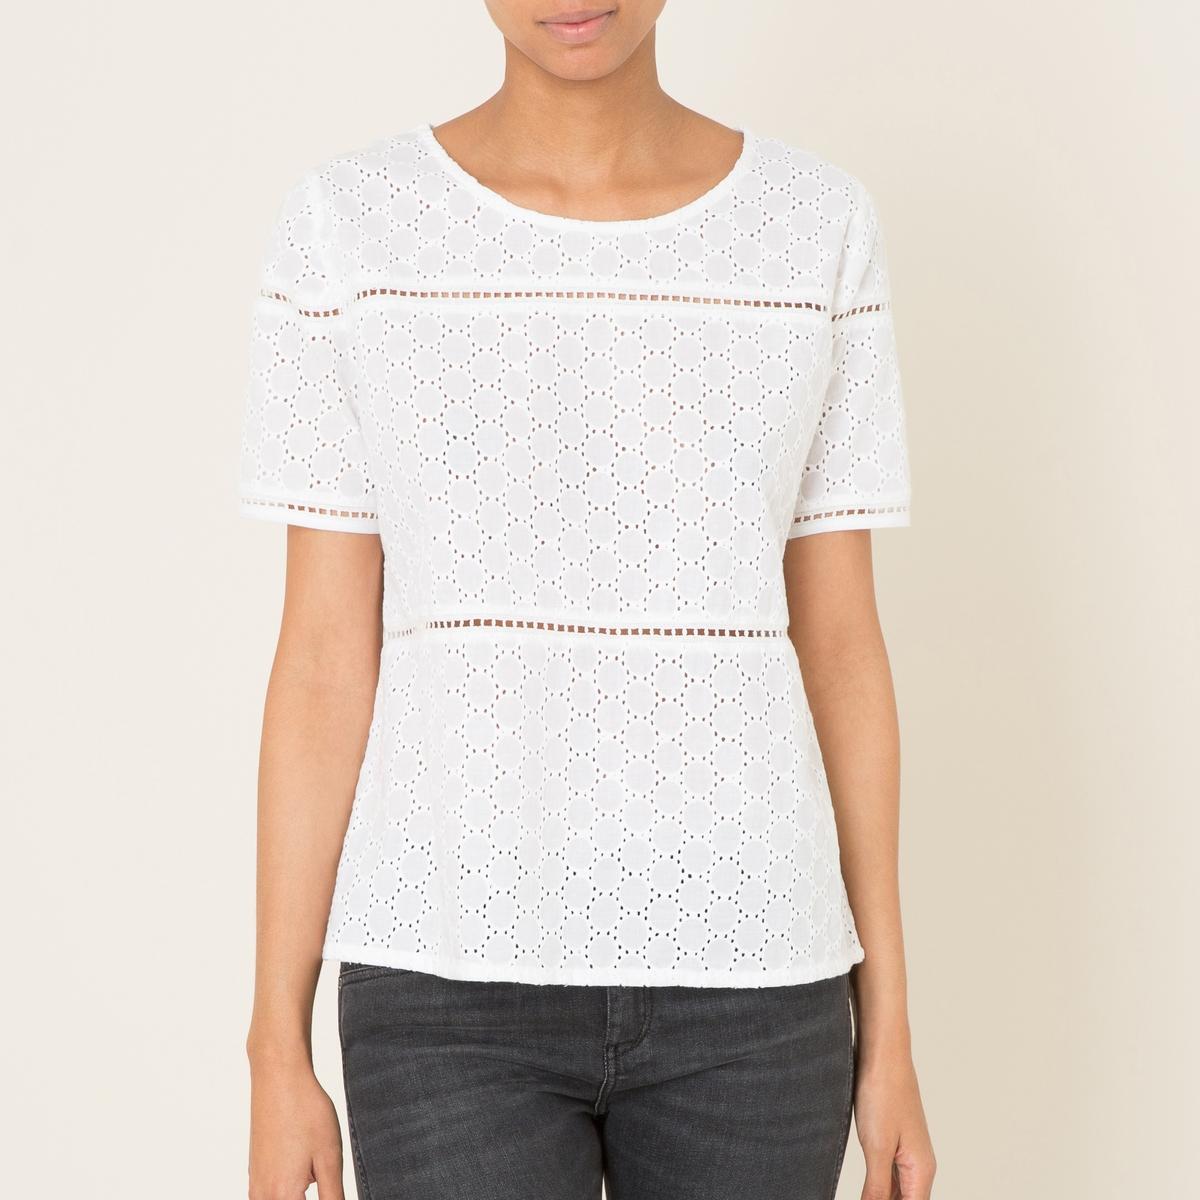 Блузка с английским шитьем юбка длинная с английским шитьем